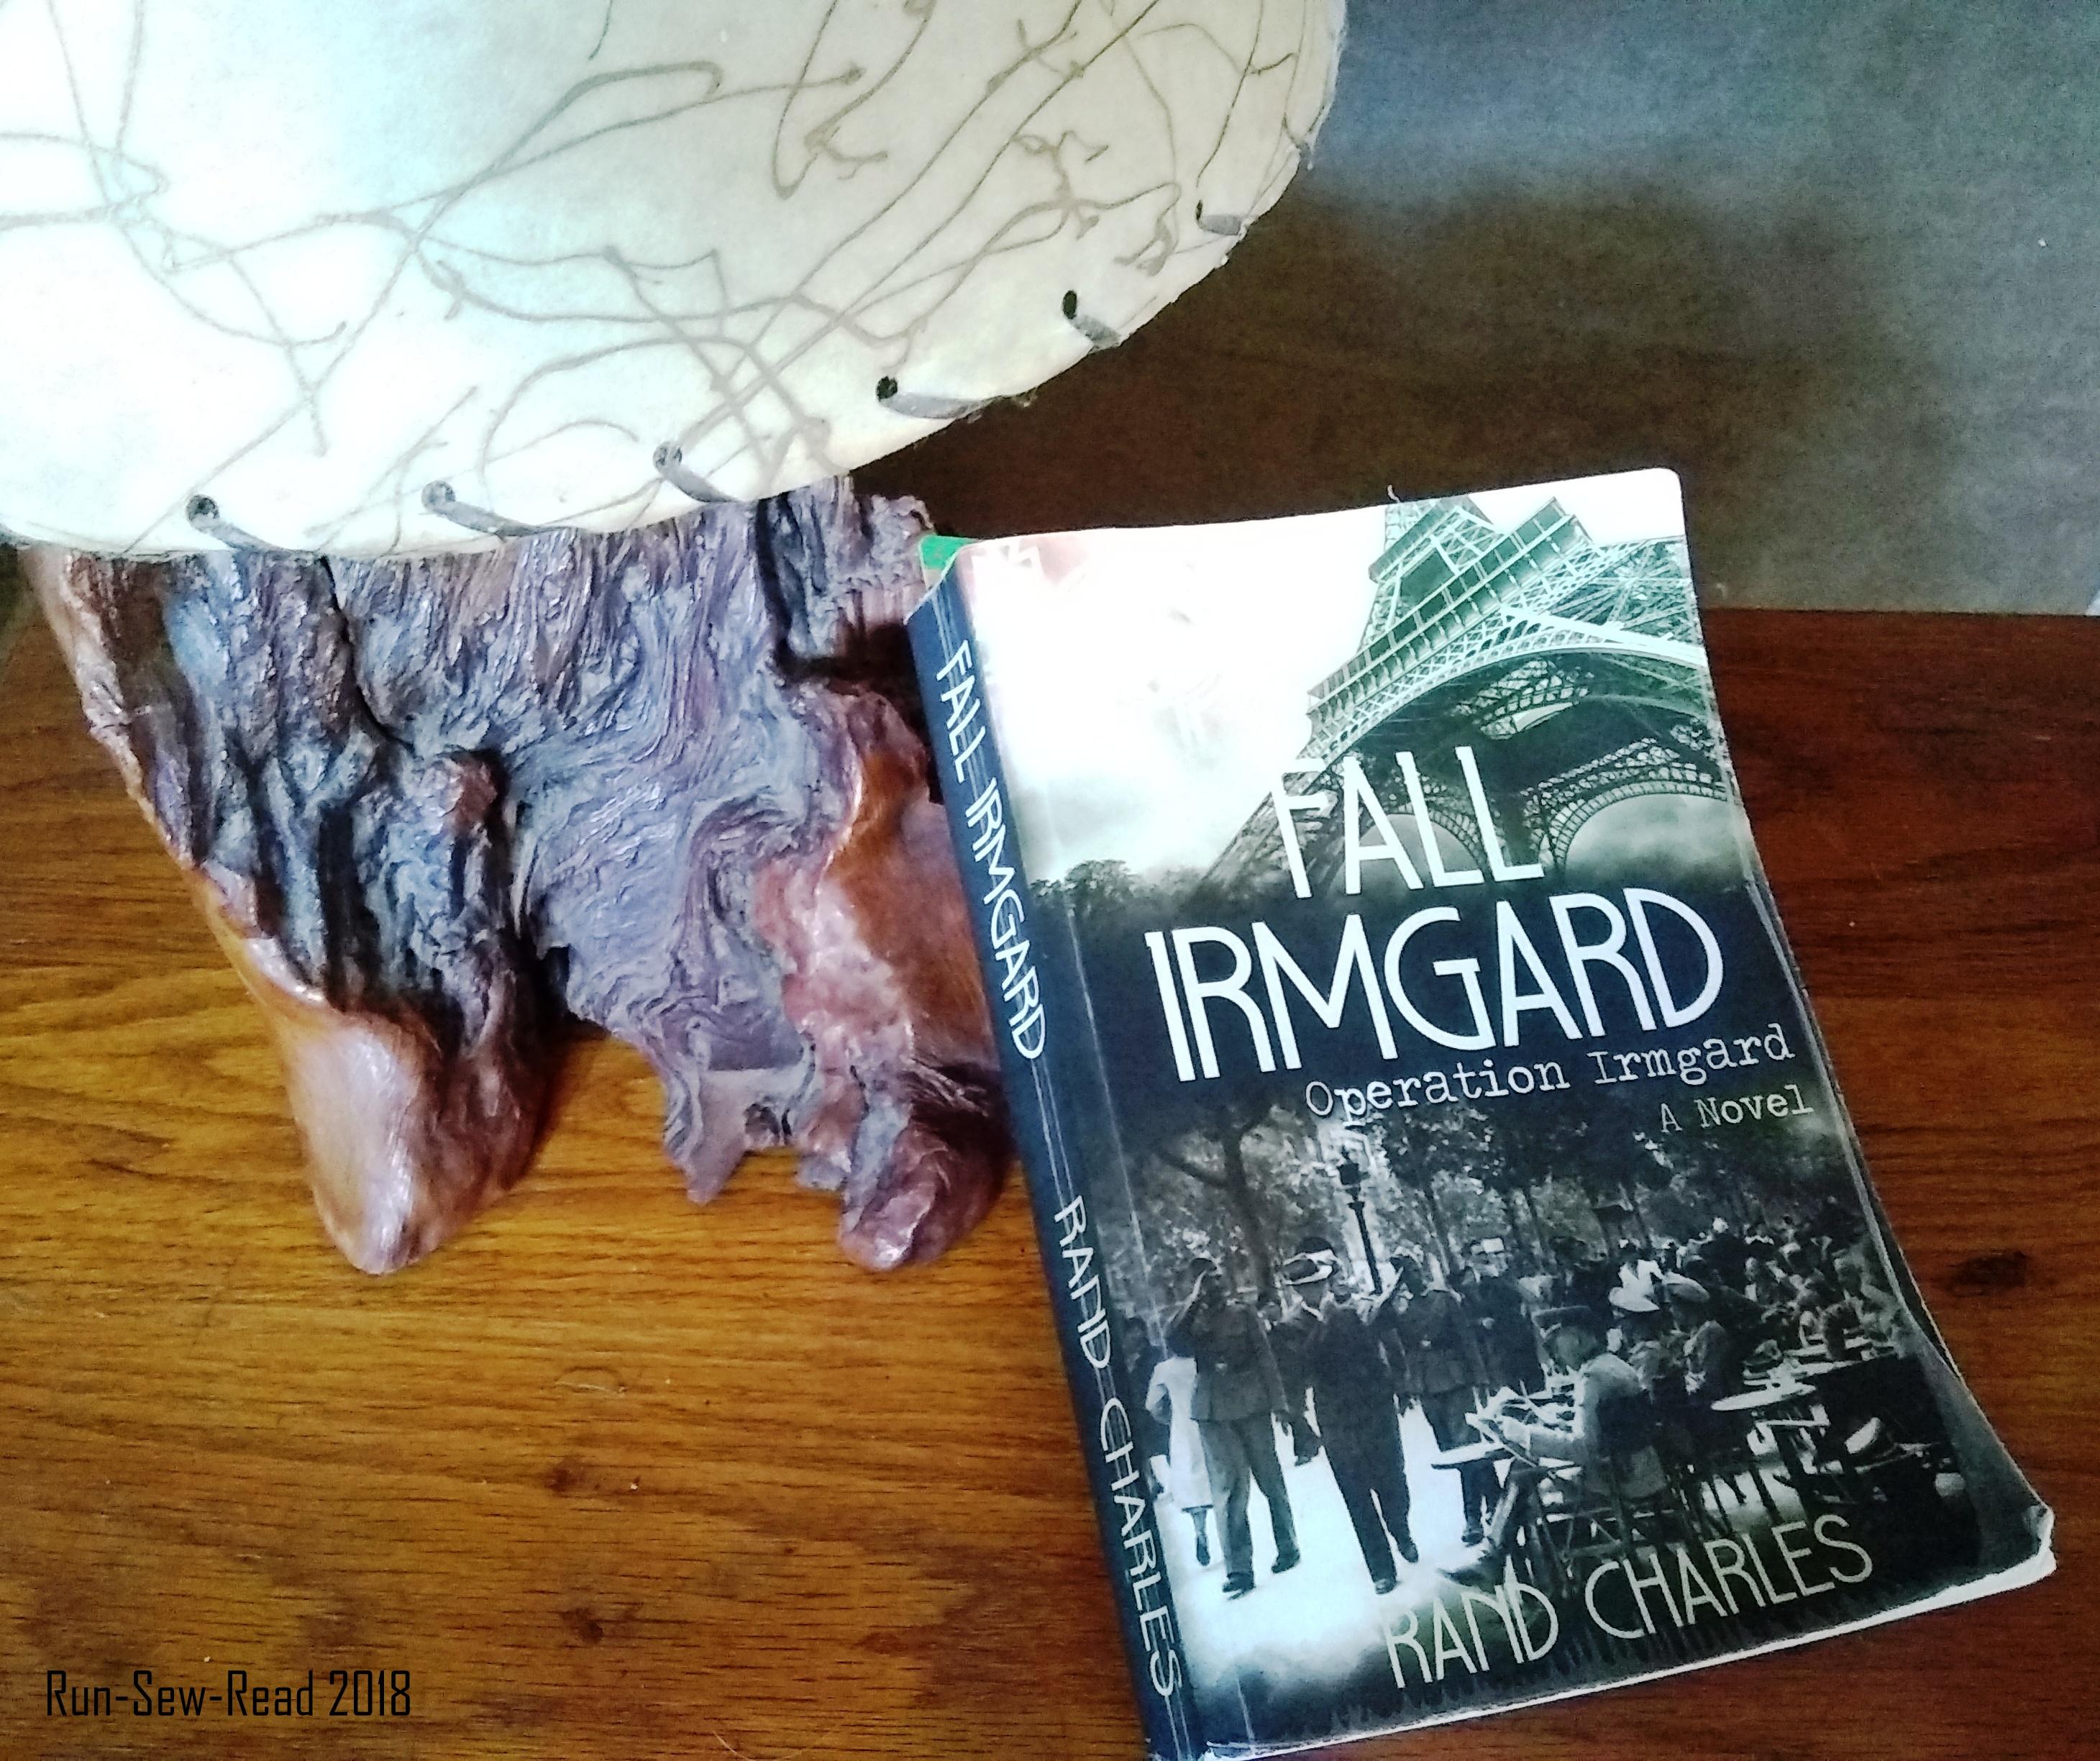 Fall Irmgard2 a RSR